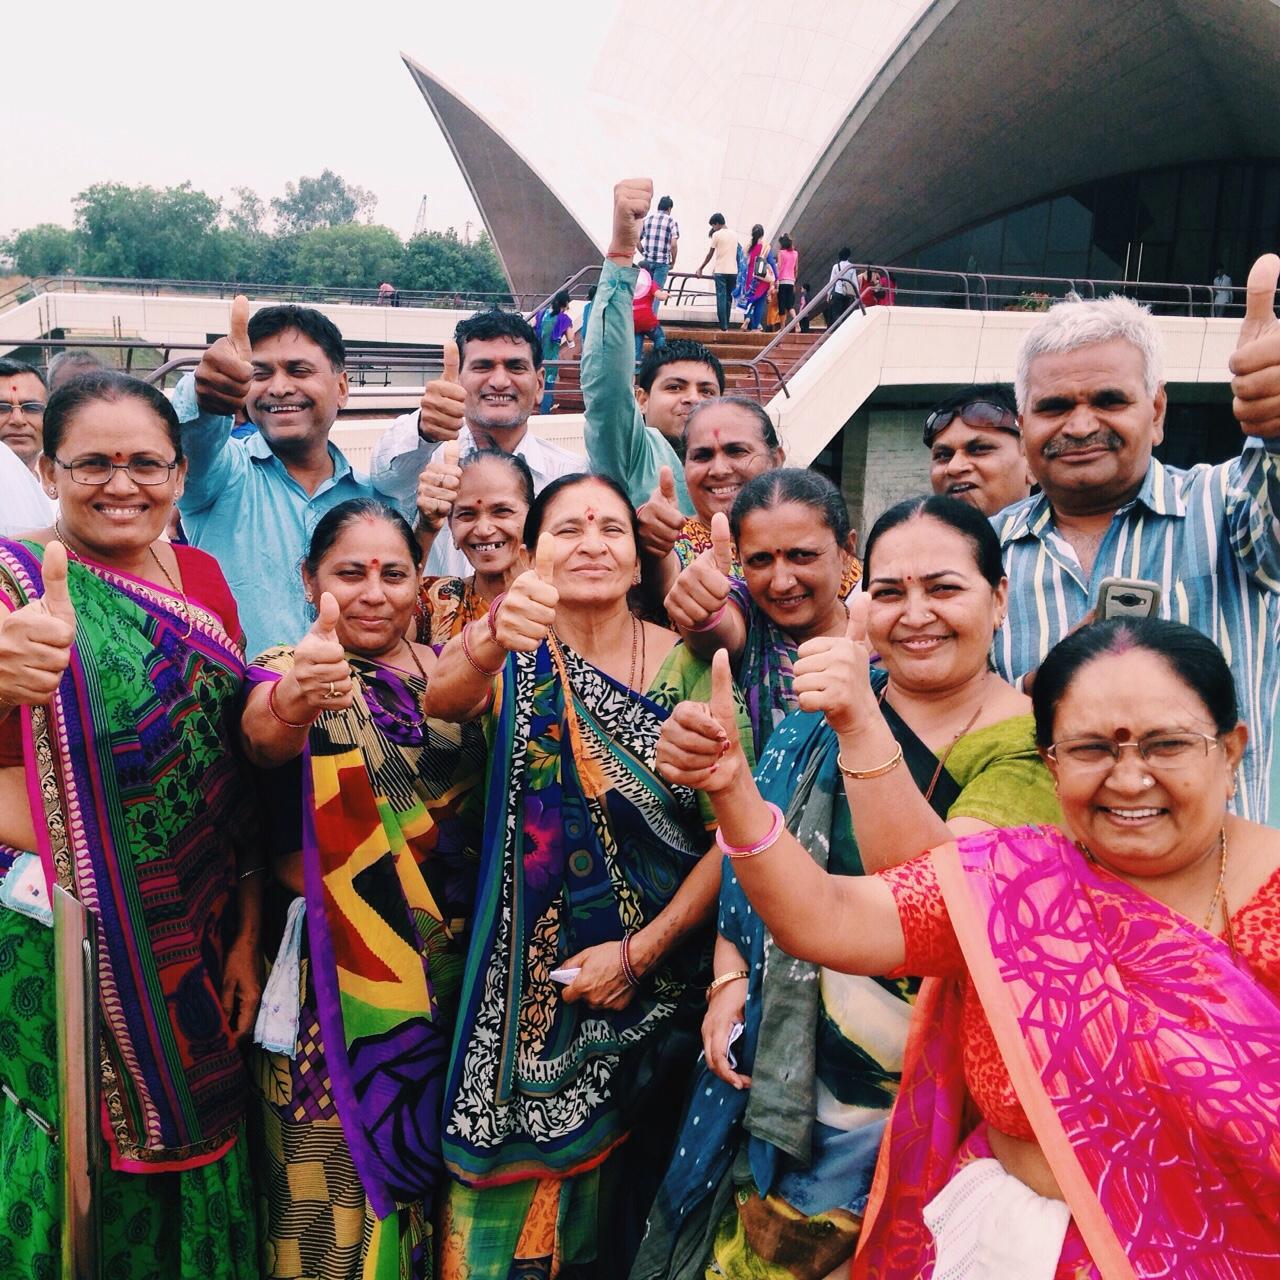 델리, 로터스 템플(Lotus Temple) 나를 쳐다보던 사람들, 황홀한 미소와 따봉.